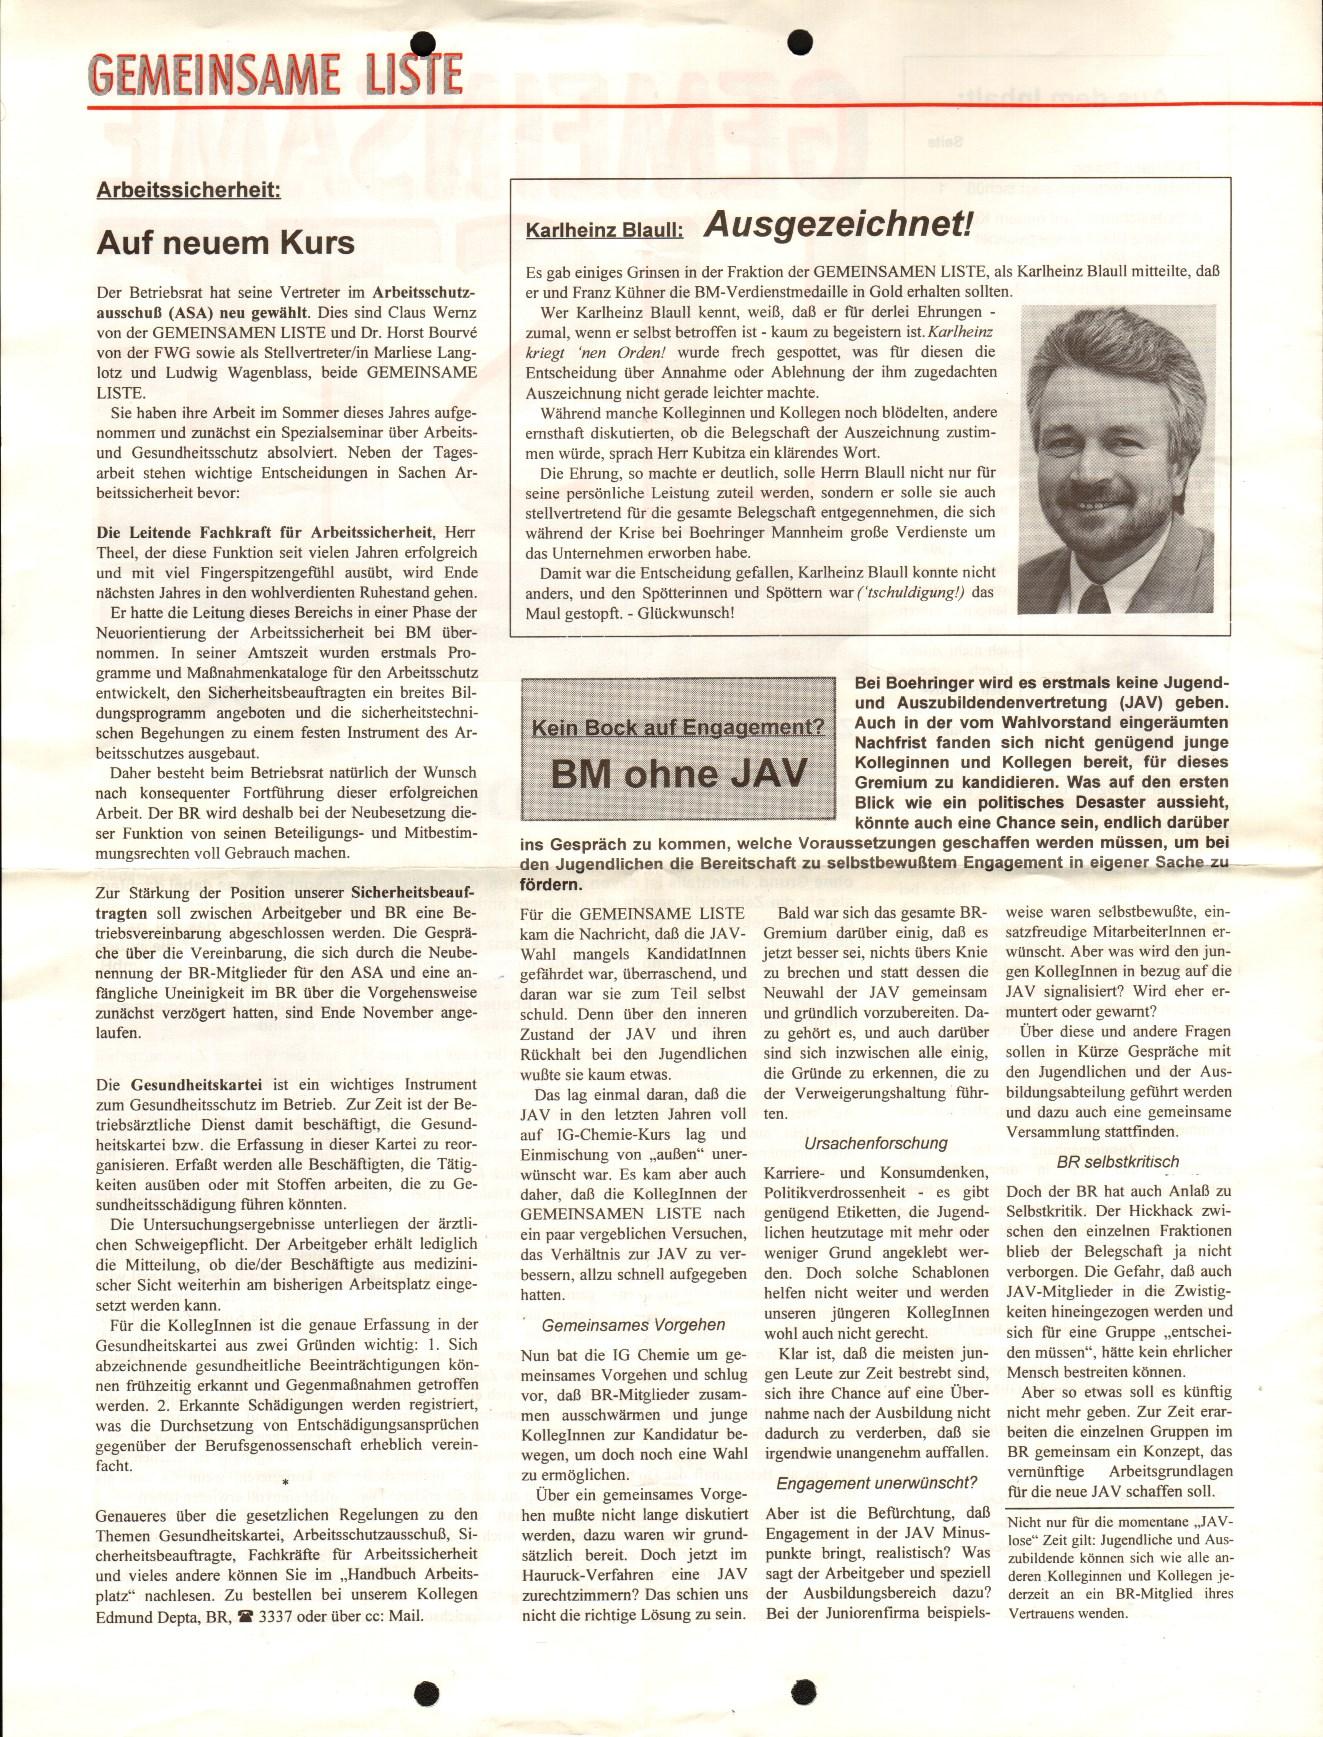 Mannheim_Boehringer_Gemeinsame_Liste_1994_04_02